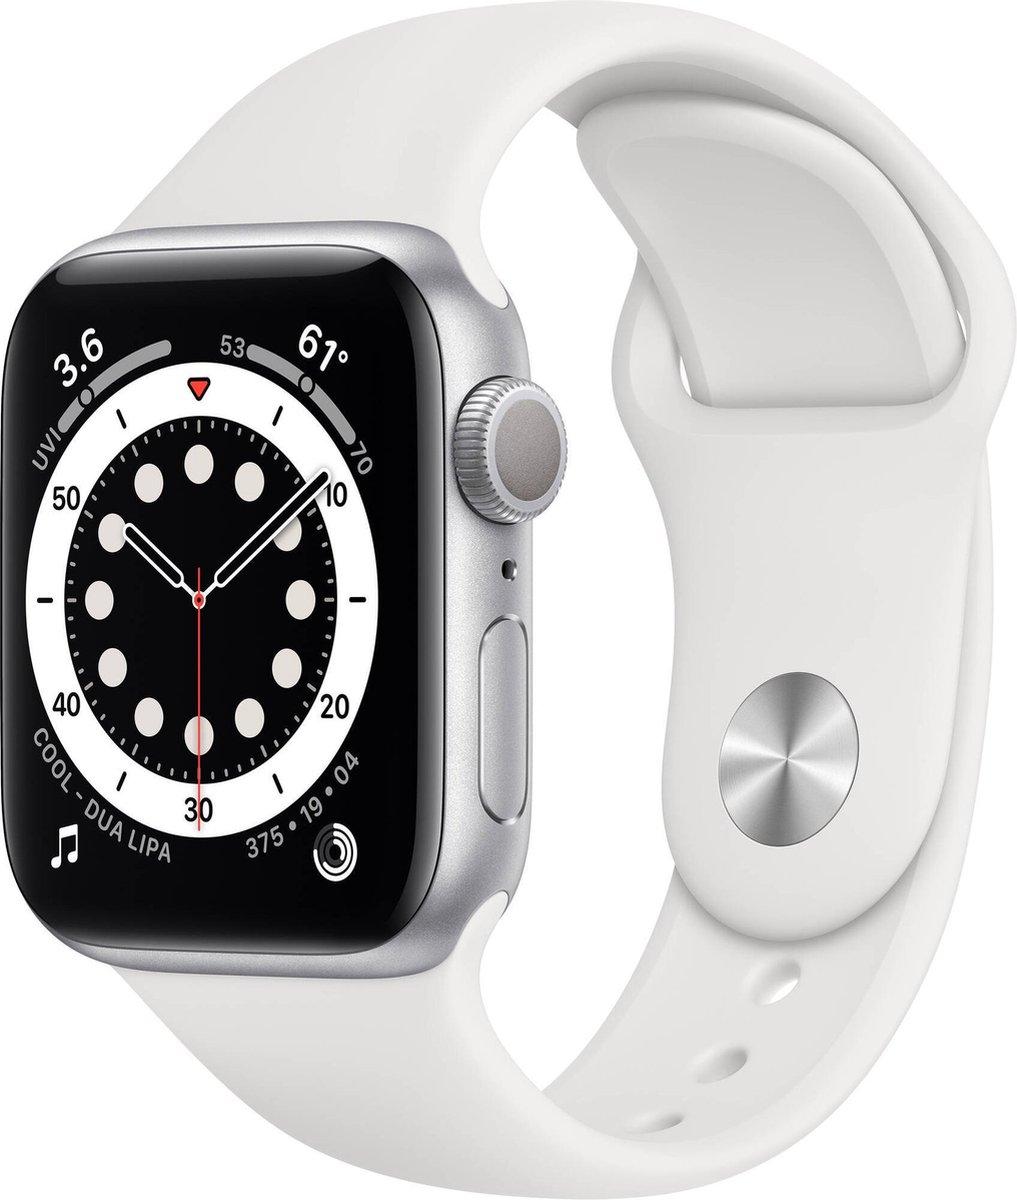 Apple Watch Series 6 – Gerenoveerd door SUPREME MOBILE – B GRADE – 40 mm – GPS – Zilver / Wit band